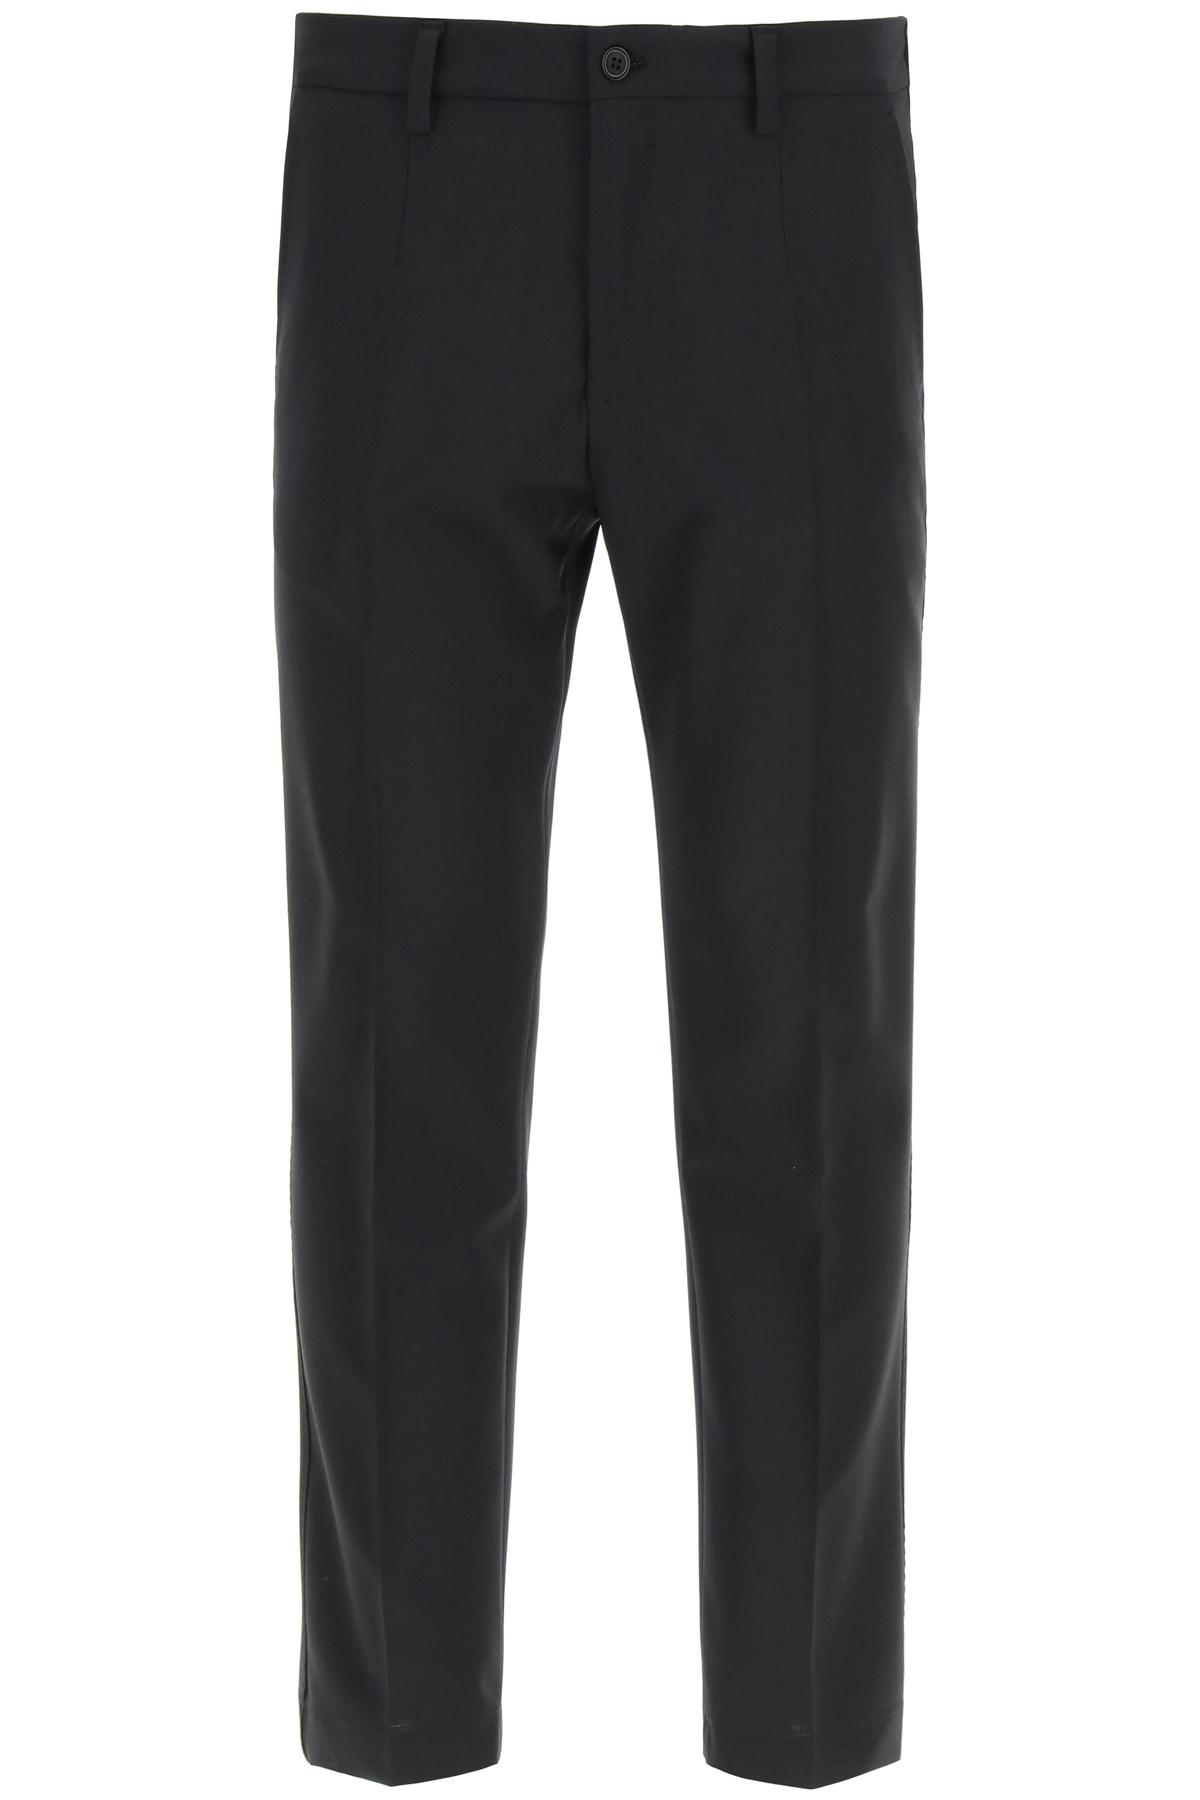 Dolce & gabbana pantaloni casual in misto lana